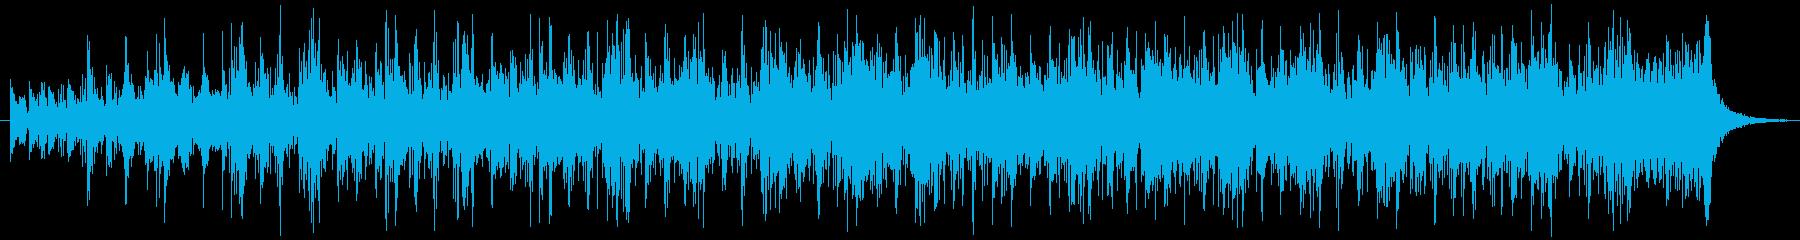 緊張感ある日本太鼓と三味線合奏の再生済みの波形